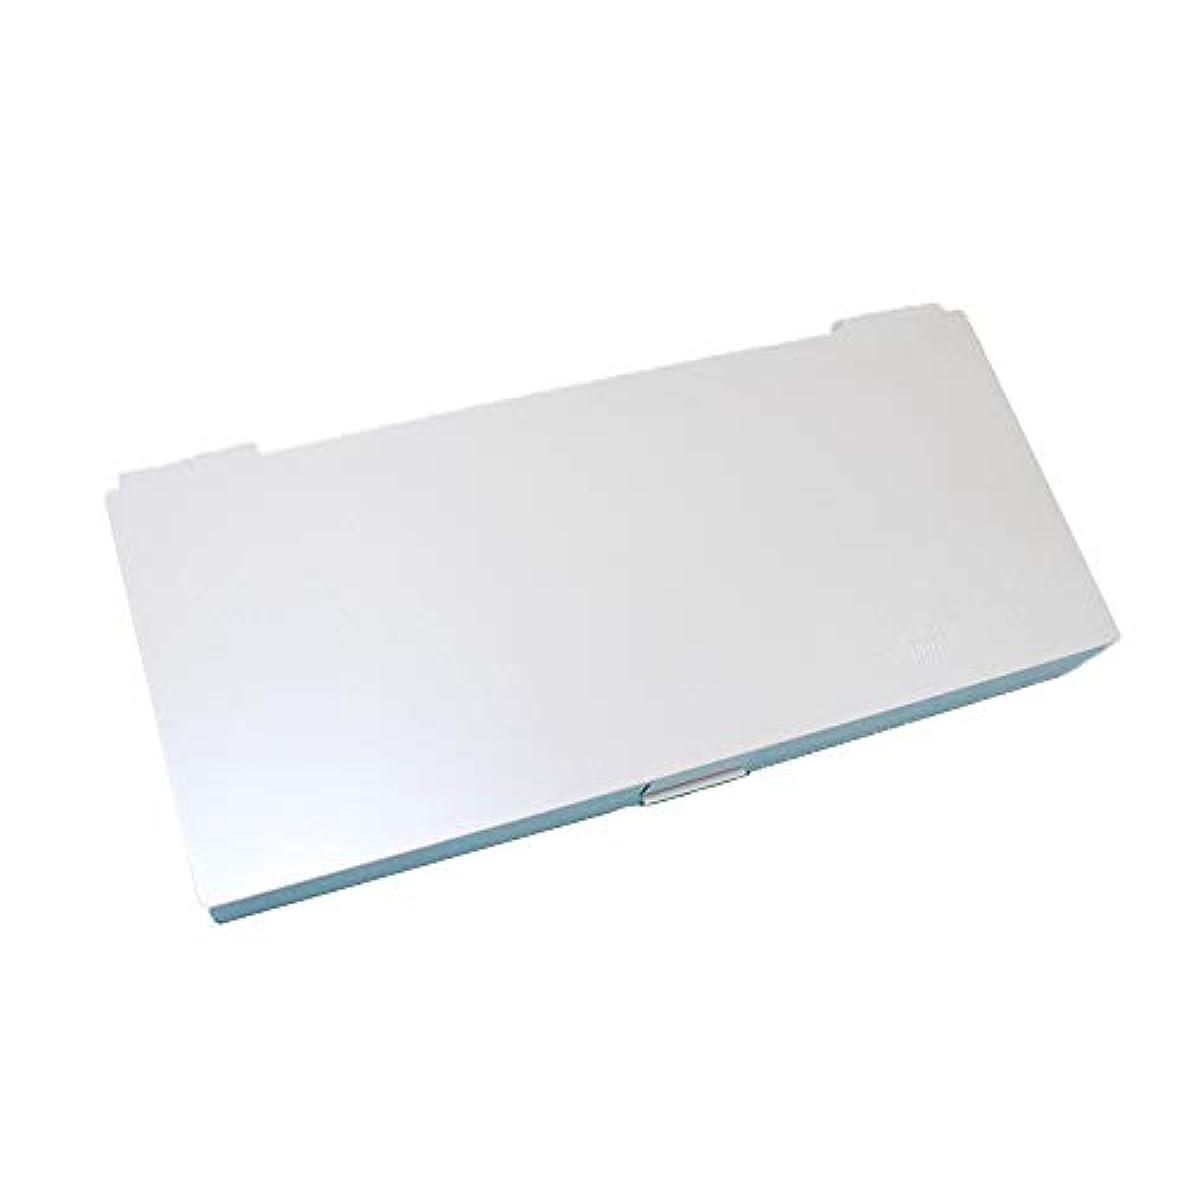 気まぐれな発症スキルスタイリングシステムボックス (ホワイト) ノンスリップ ヘアピン ケース コスメボックス メイクボックス メークボックス メイクケース メークケース